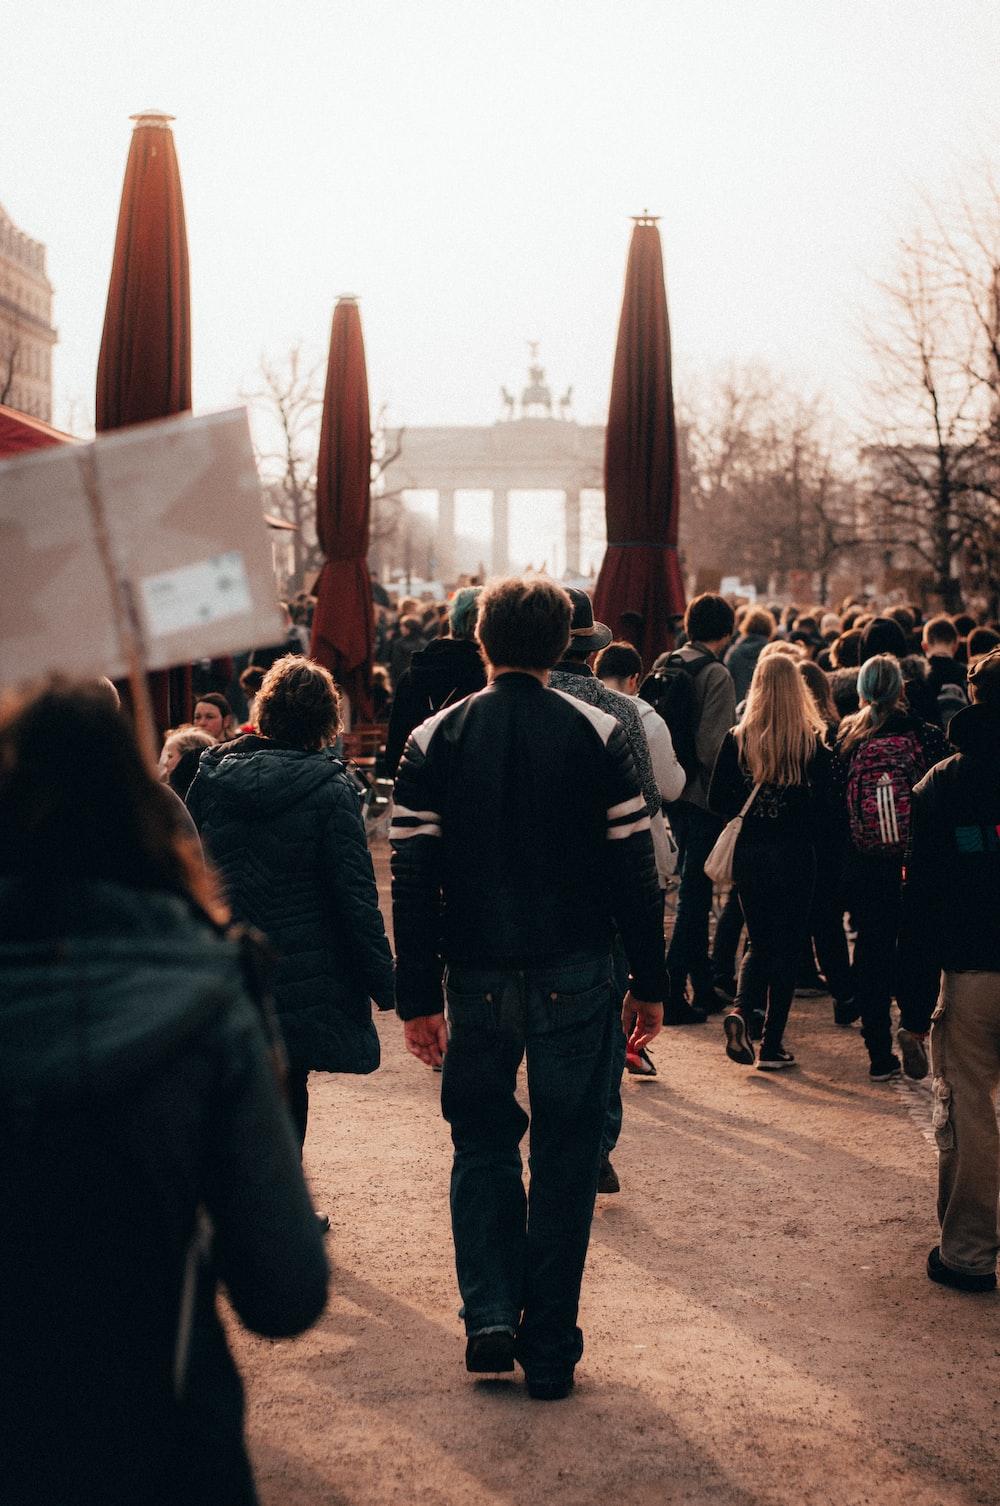 people gathering in open field